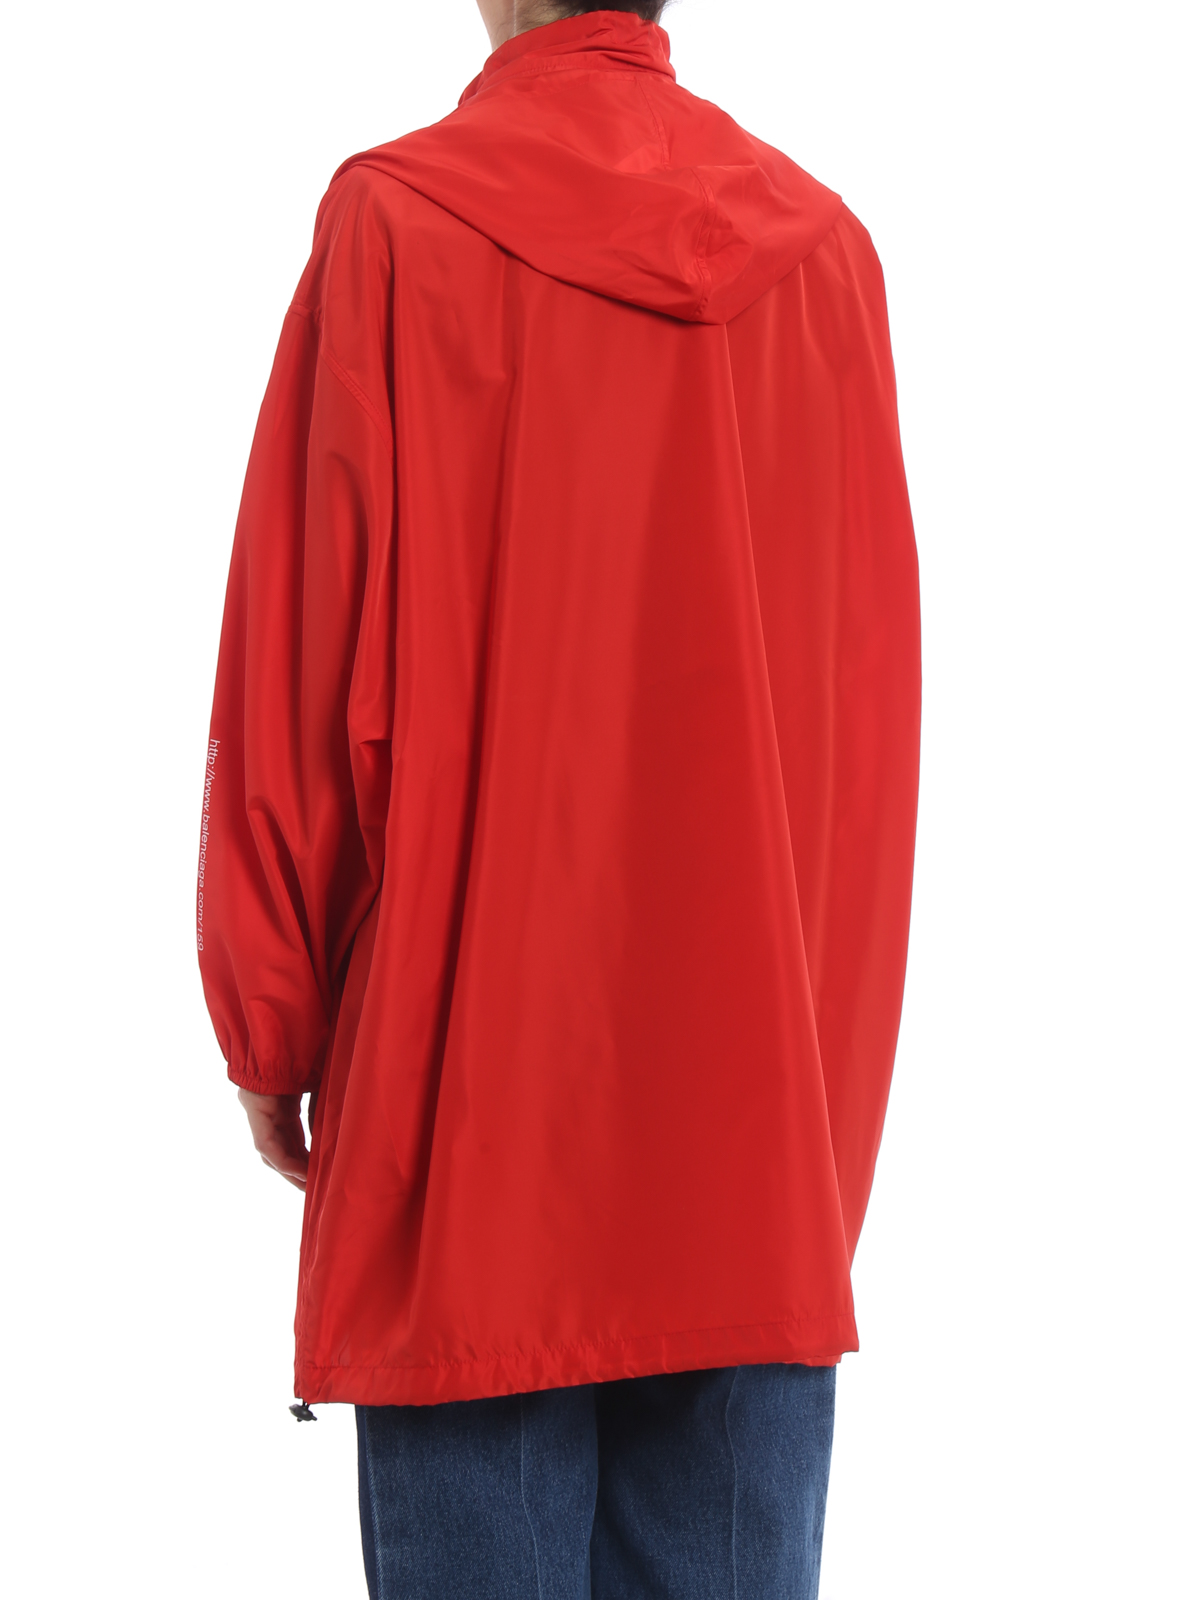 9a11f9432 Balenciaga - Manteau Court Rouge Pour Femme - Manteaux courts ...